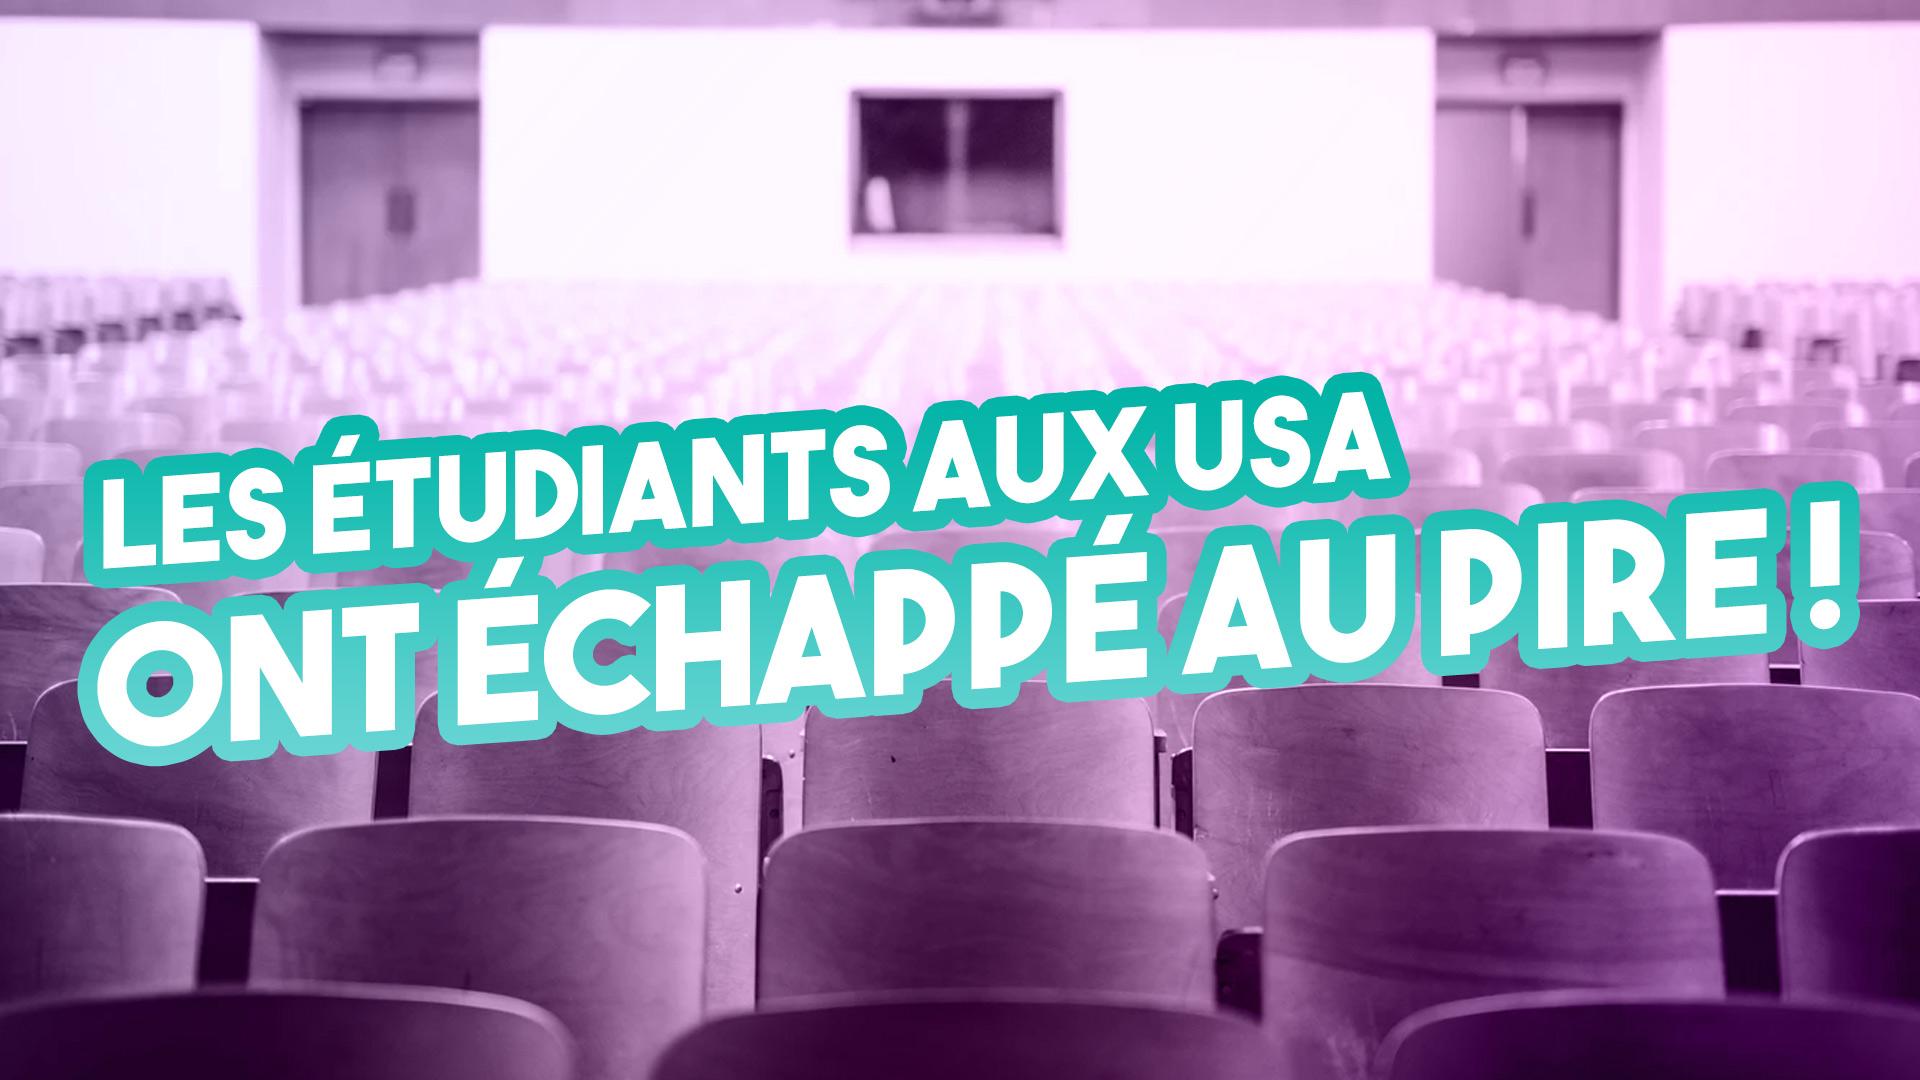 Etudier aux Etats-Unis 2020 – Les étudiants étrangers ont échappé au pire – Visa F-1